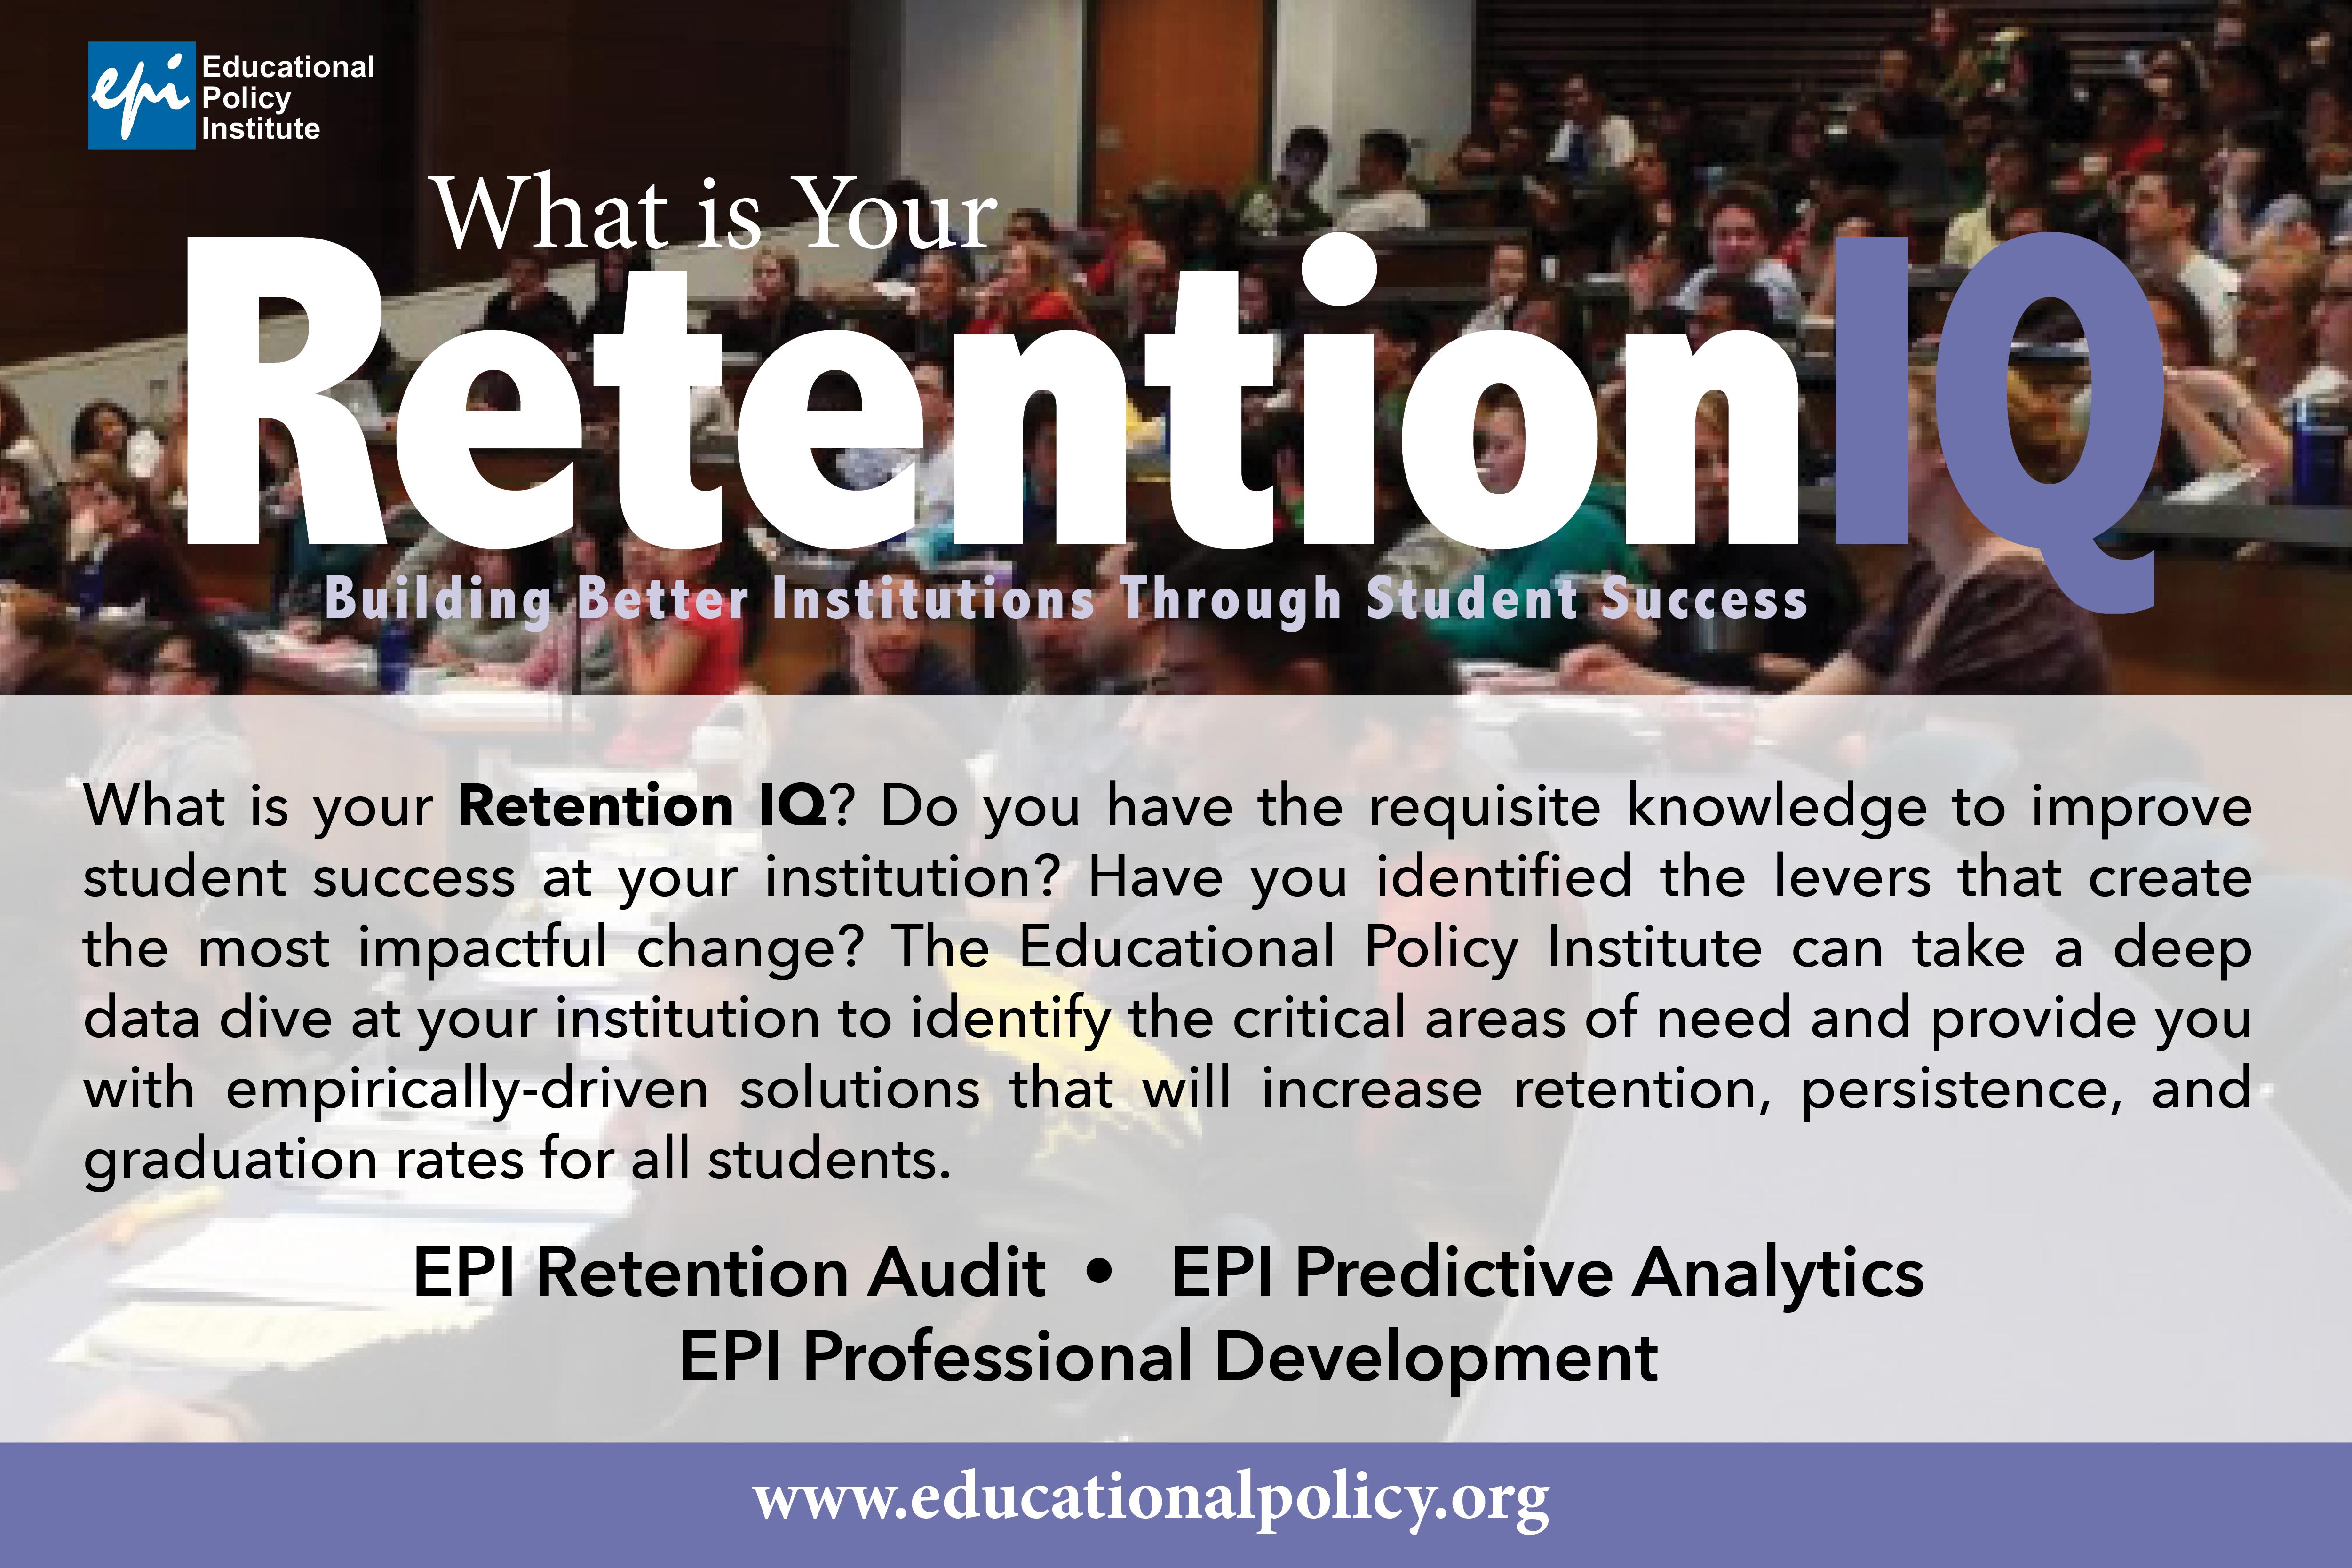 200207 Retention IQ_600x300 Ad